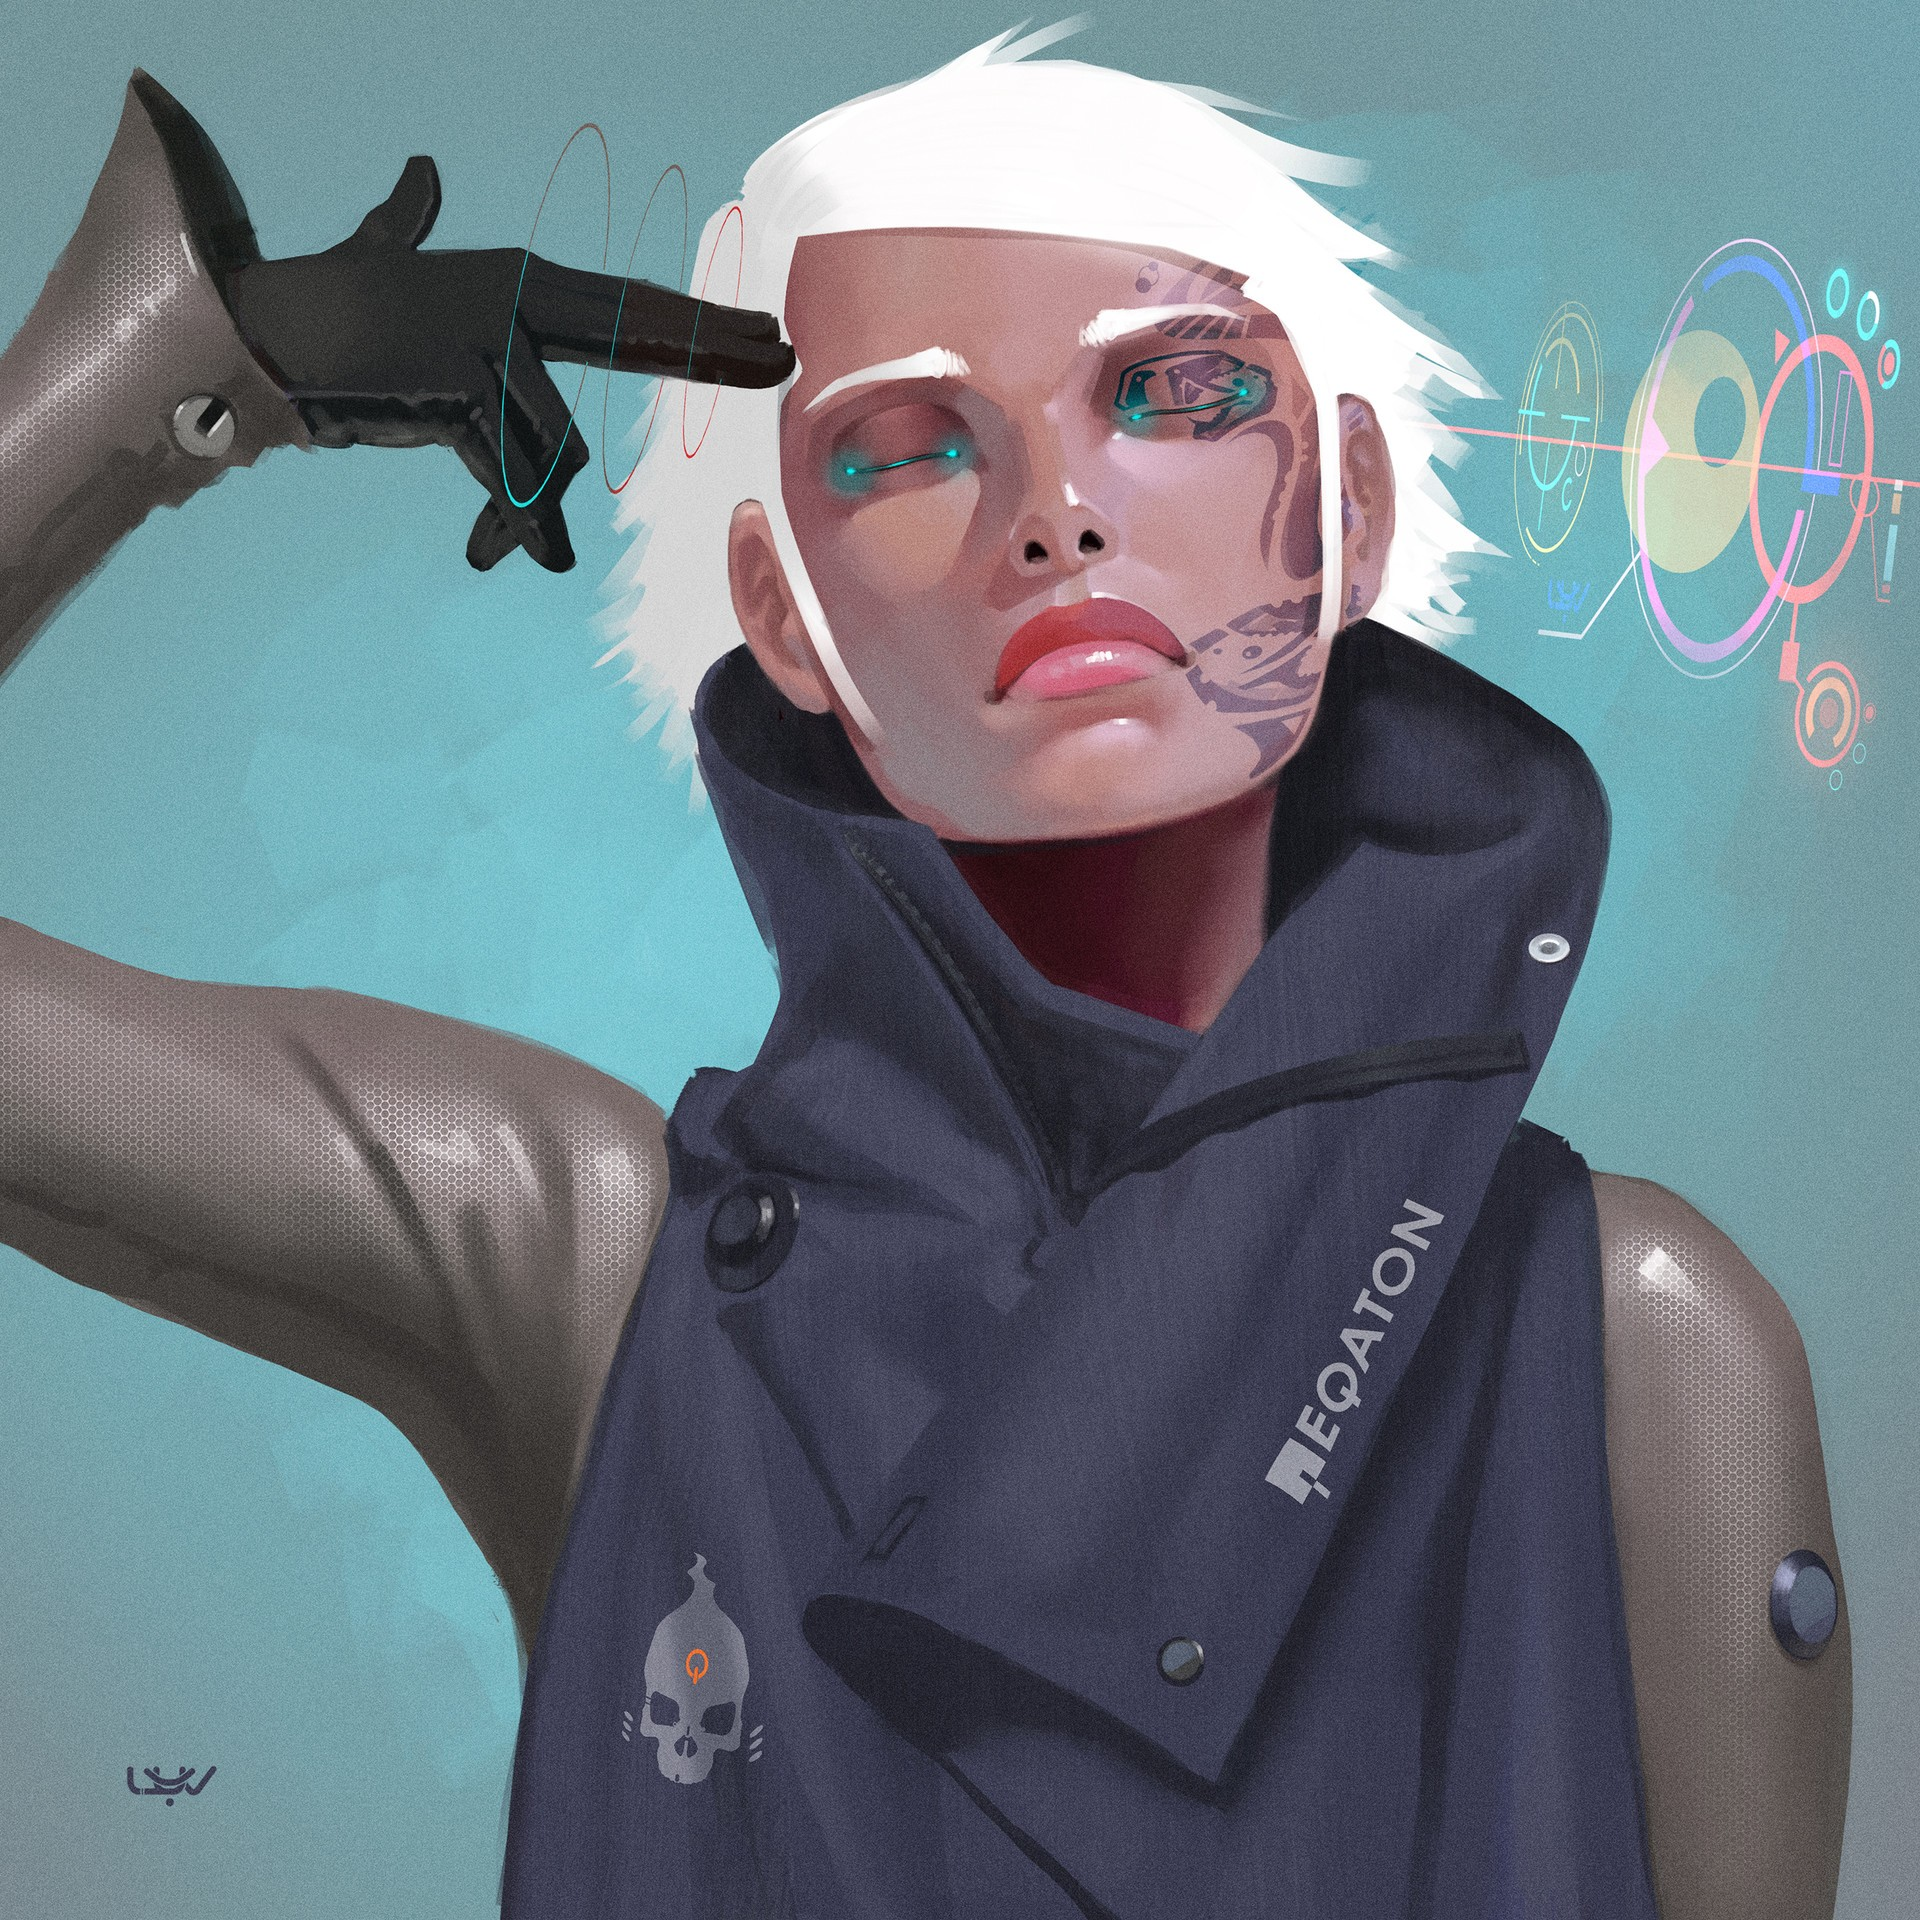 General 1920x1920 cyberpunk white hair blonde women